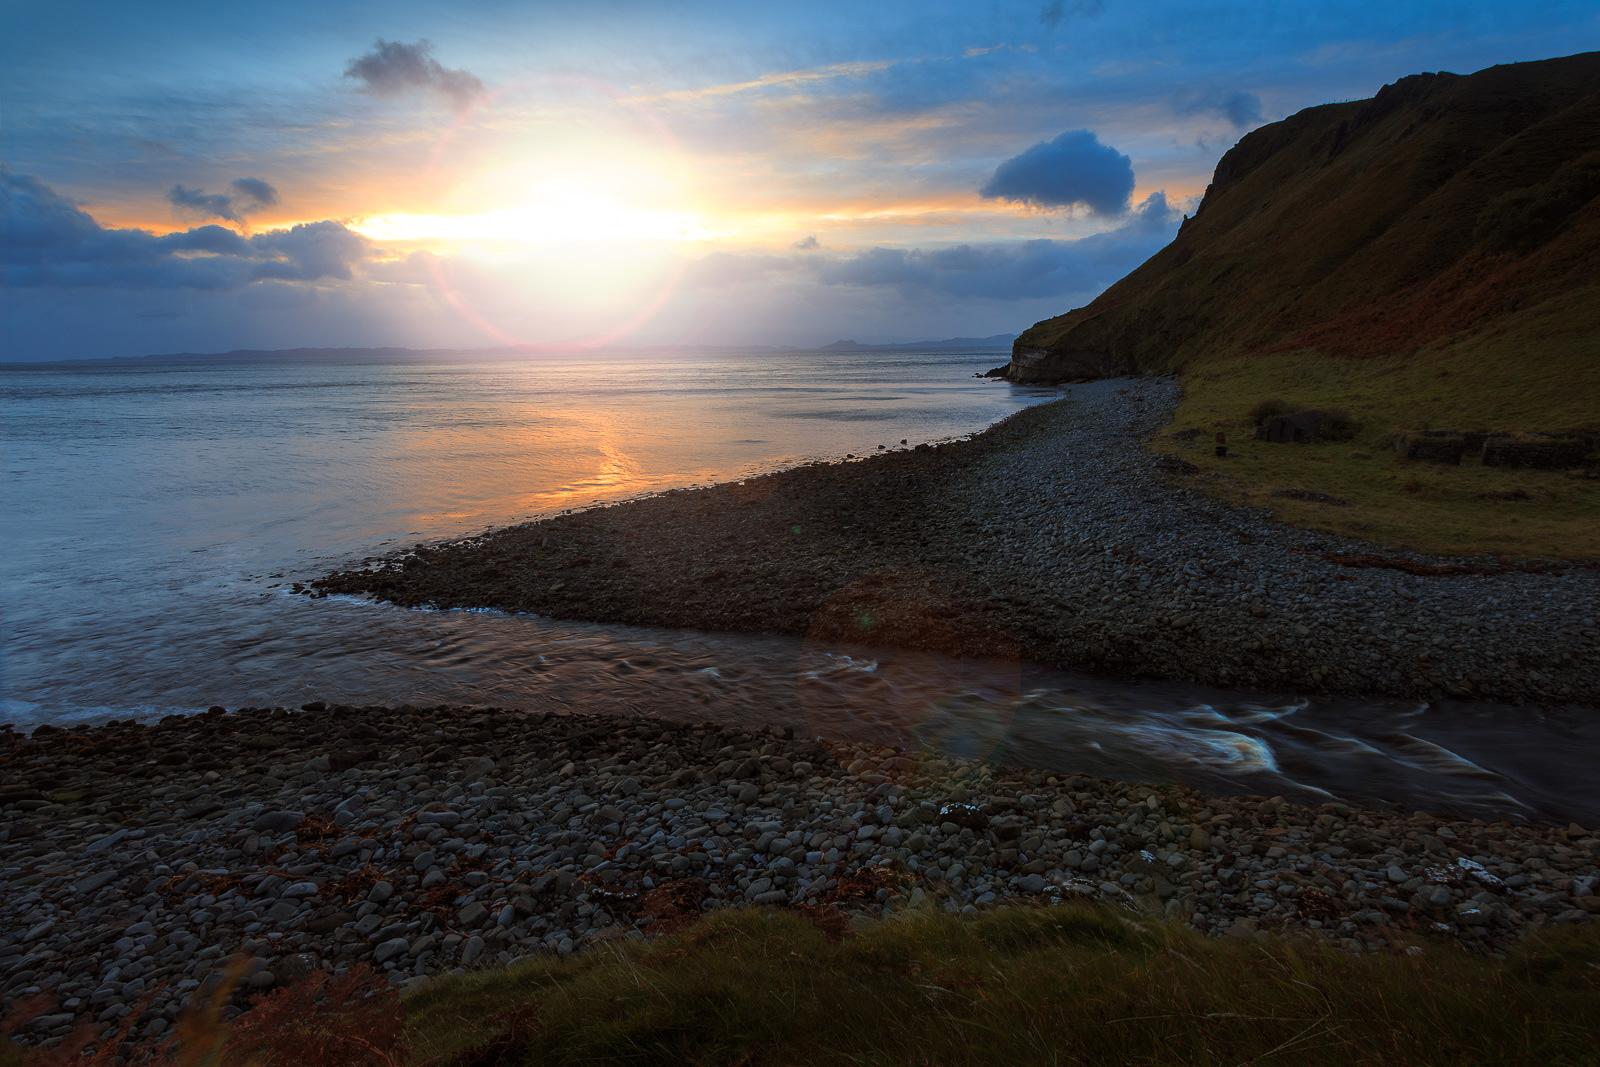 Nur ein paar Wolken verhinderten, dass die Sonne direkt aus dem Meer aufstieg.